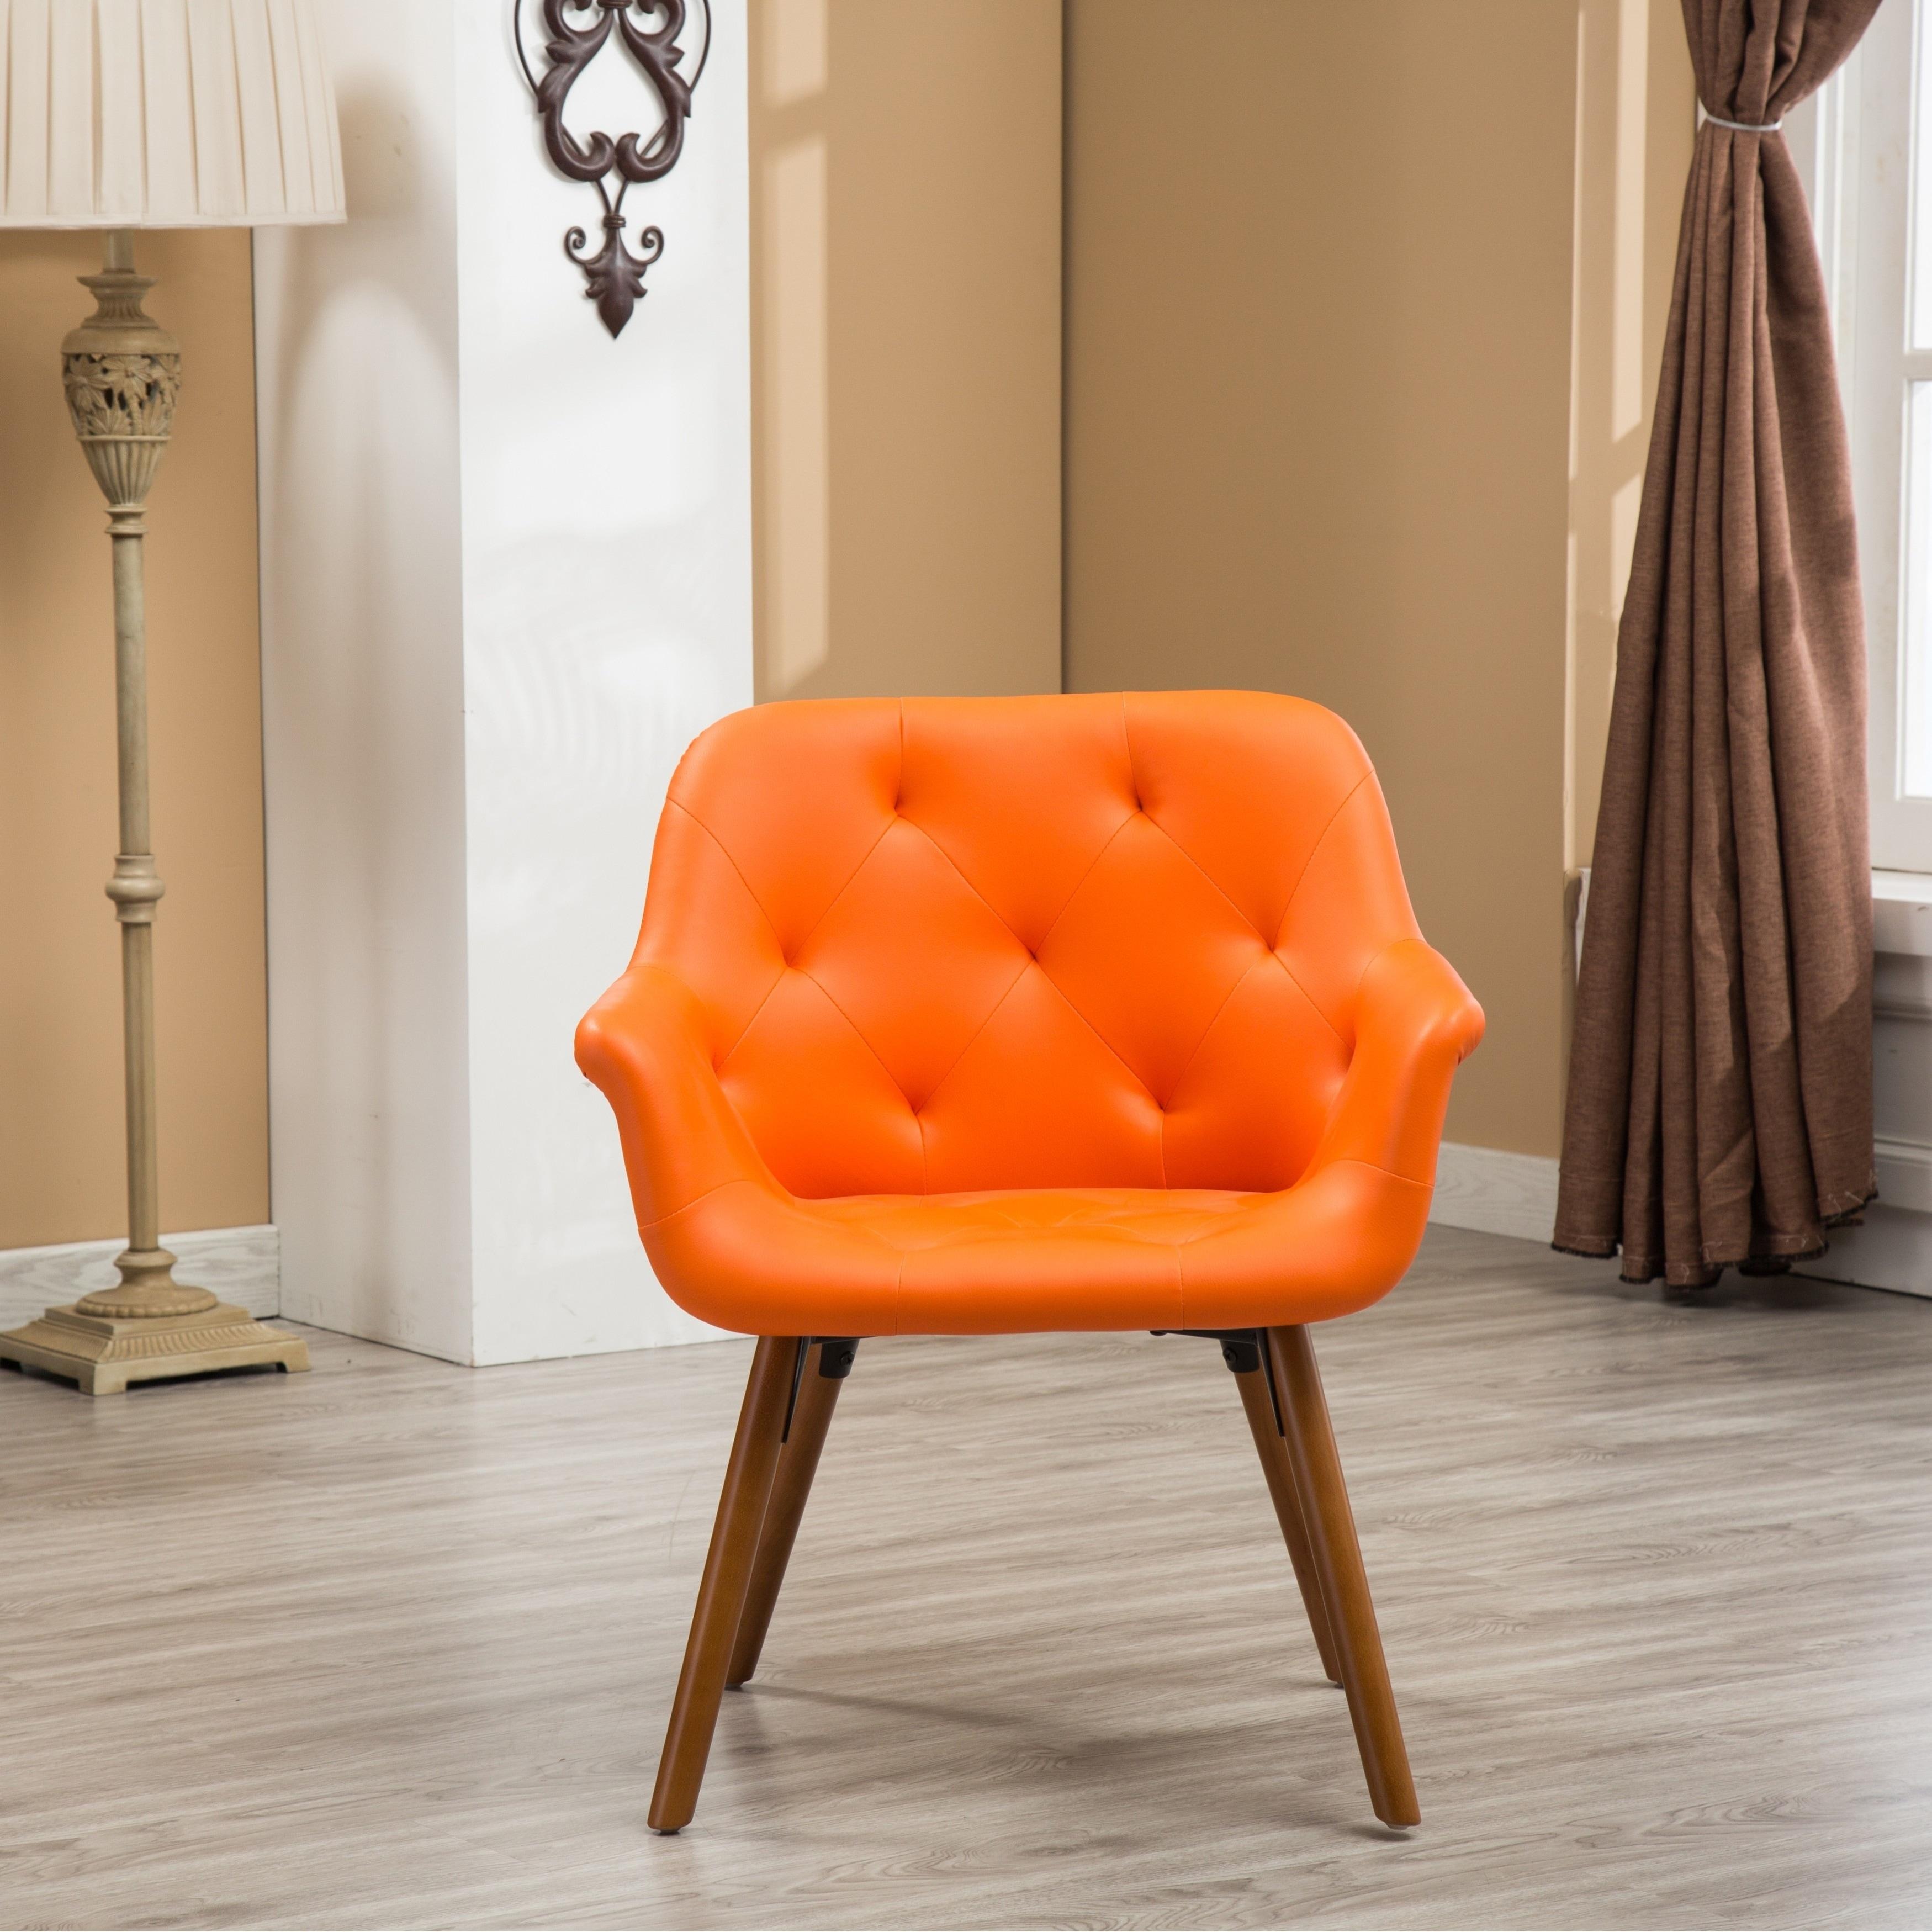 Orange Living Room Furniture | Find Great Furniture Deals Shopping At  Overstock.com